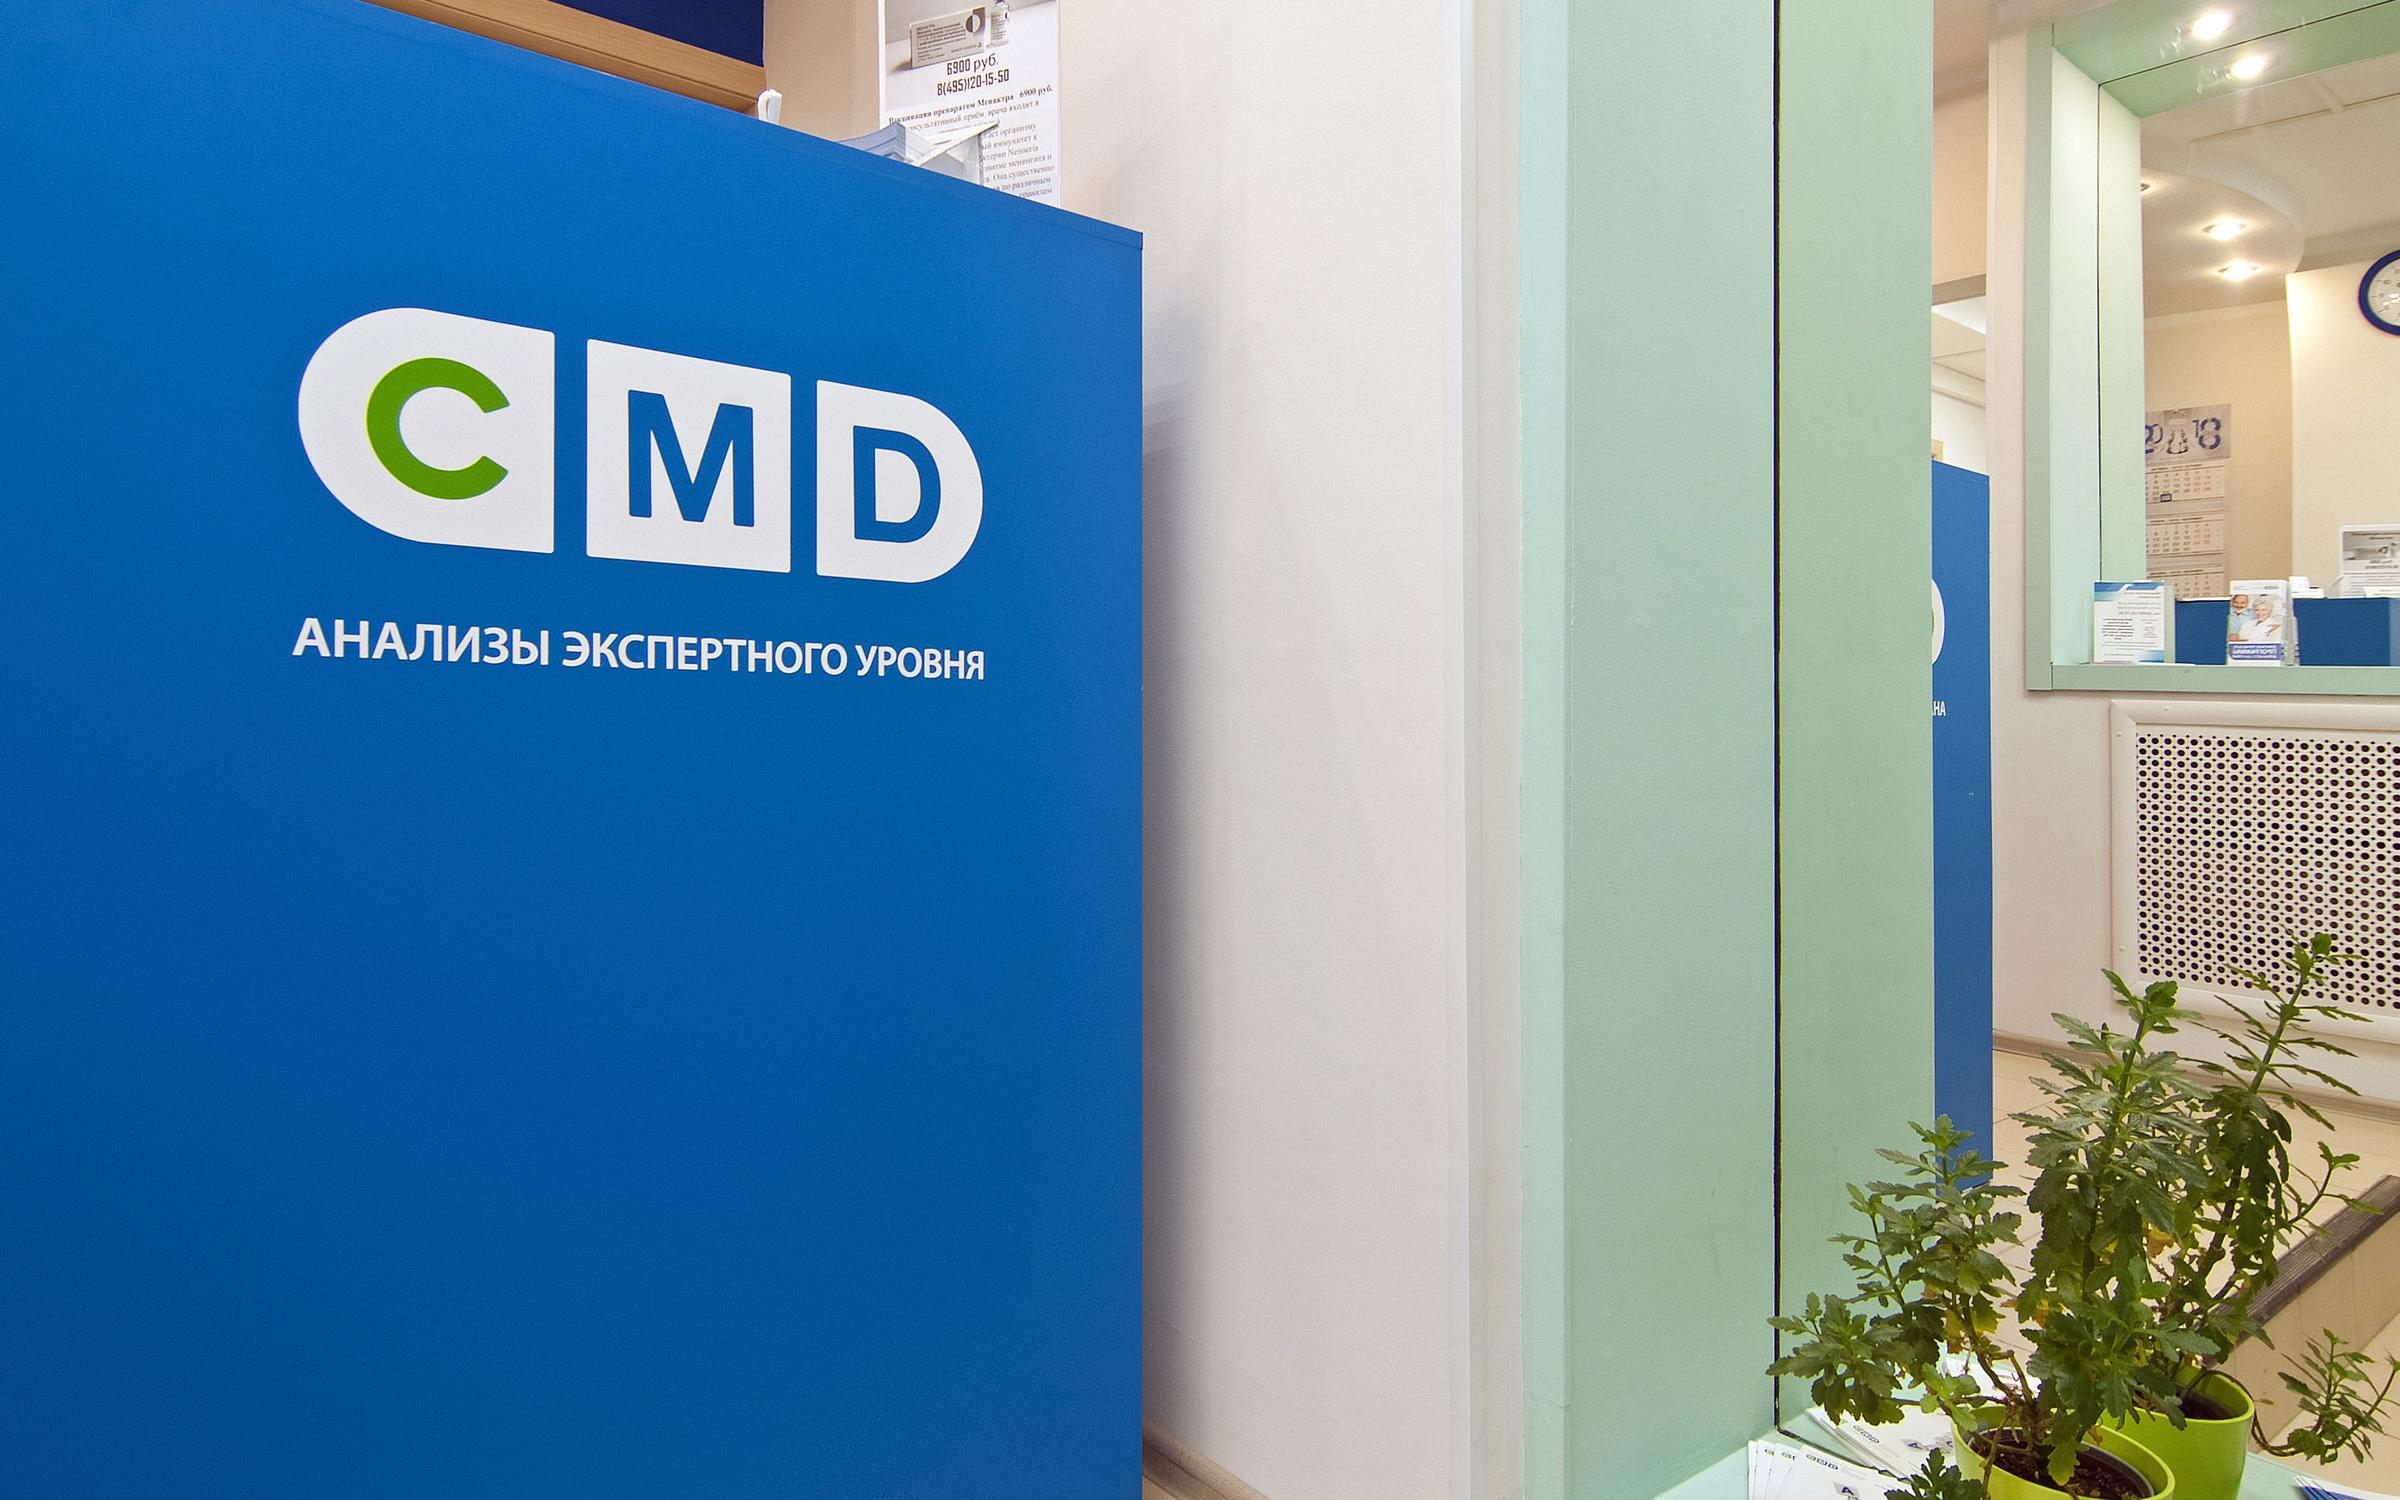 фотография Медицинского центра CMD-ДиалМедик на Беломорской улице